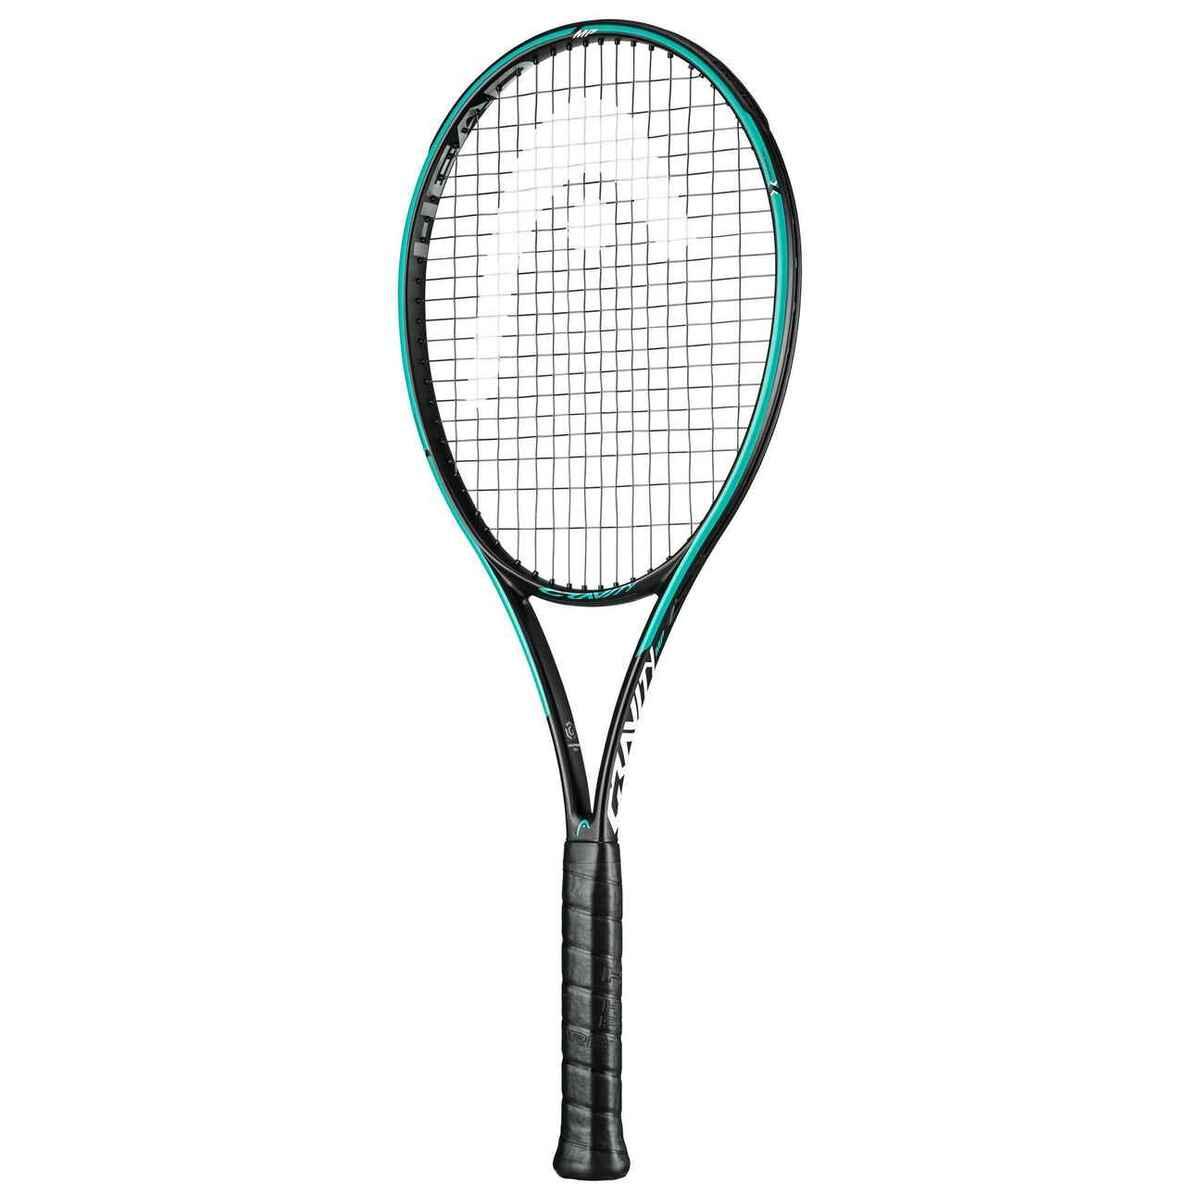 Bild 1 von Tennisschläger Gravity MP Graphene 360+ Erwachsene orange/blau